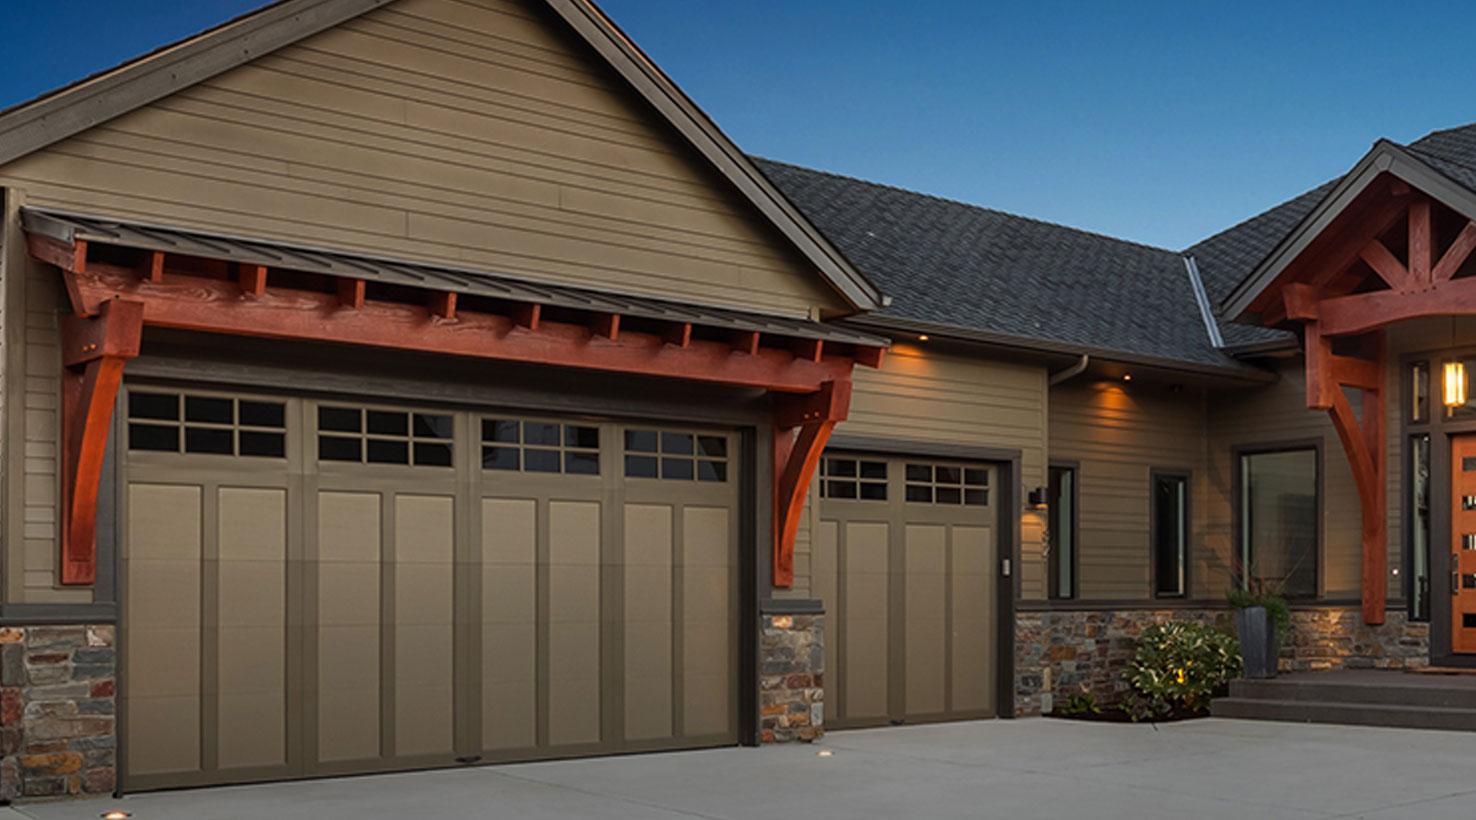 Garage Door Paint Color Inspiration | Sherwin-Williams on Garage Door Color  id=11825